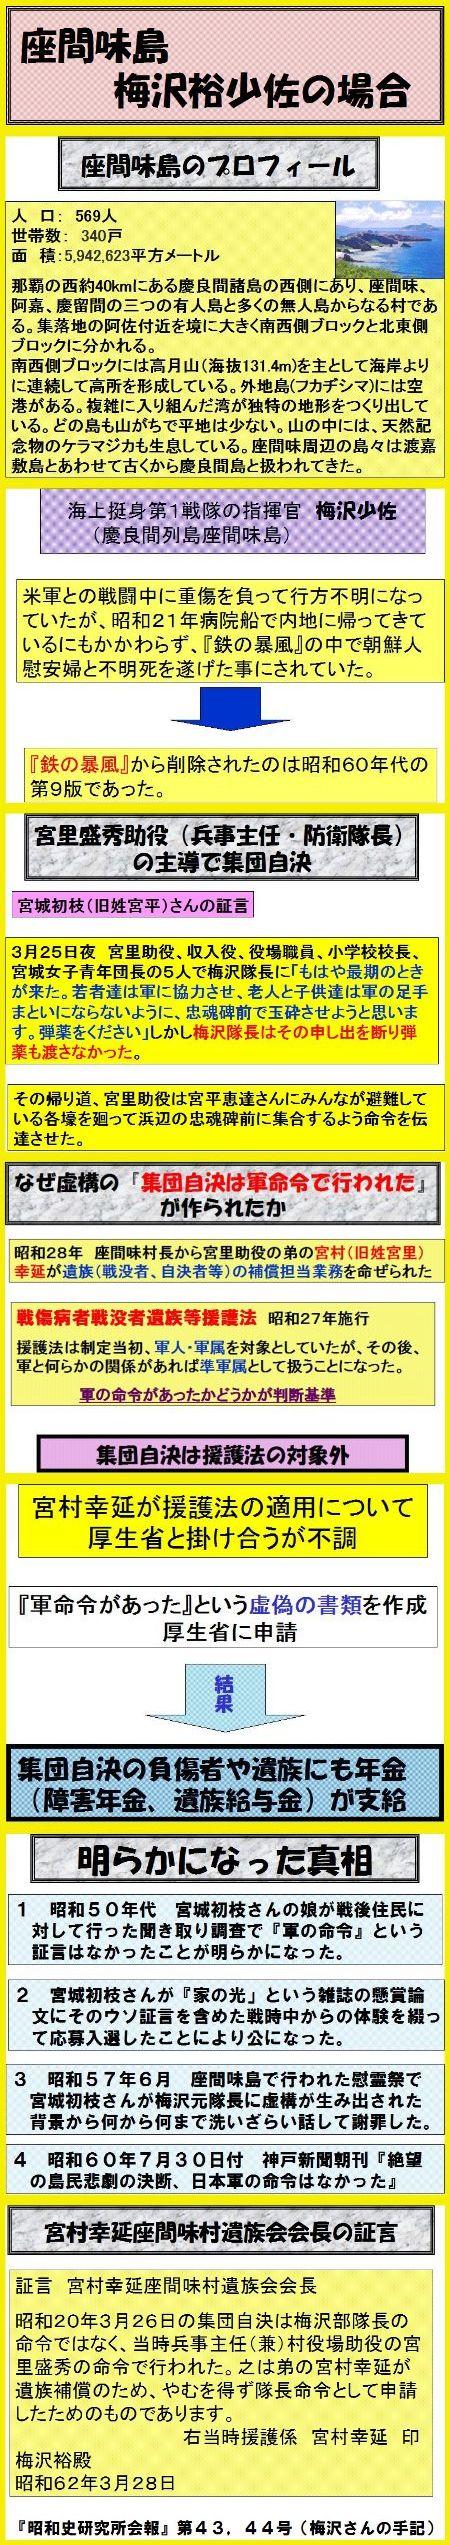 沖縄集団自決の真相2